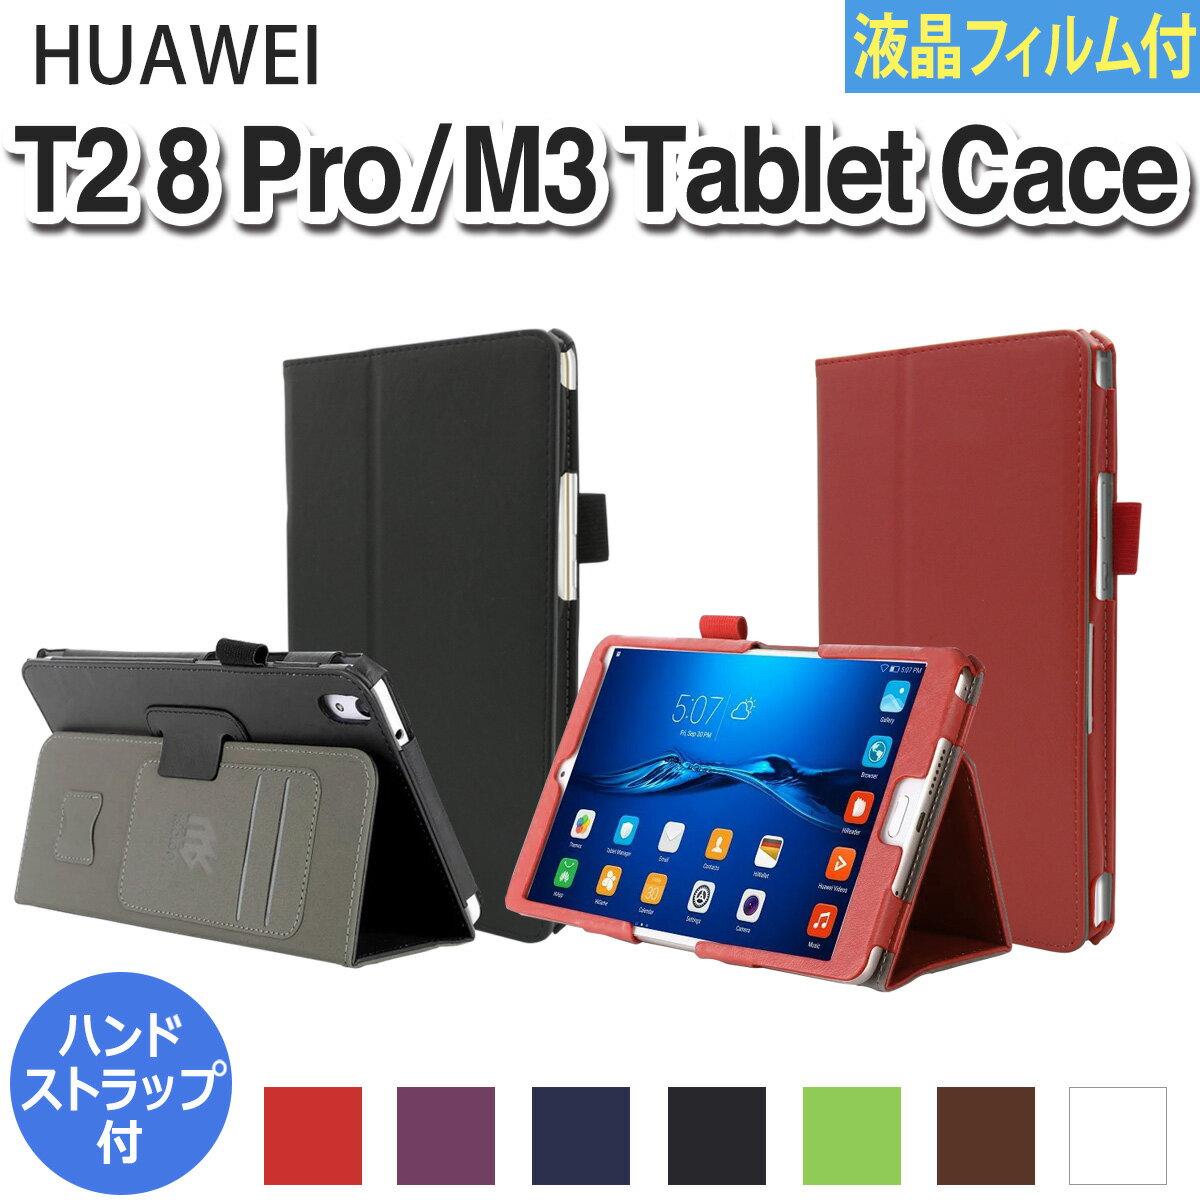 docomo dtab Compact d-01J ケース HUAWEI MediaPad M3 8.4インチ MediaPad T2 8 Pro 8インチ ケース 3点セット ファーウェイ ハンド ストラップ タッチペン ホルダー カード収納ホルダー 付 タブレット カバー PUレザー かっこいい おしゃれ 人気 【03P05Nov16】